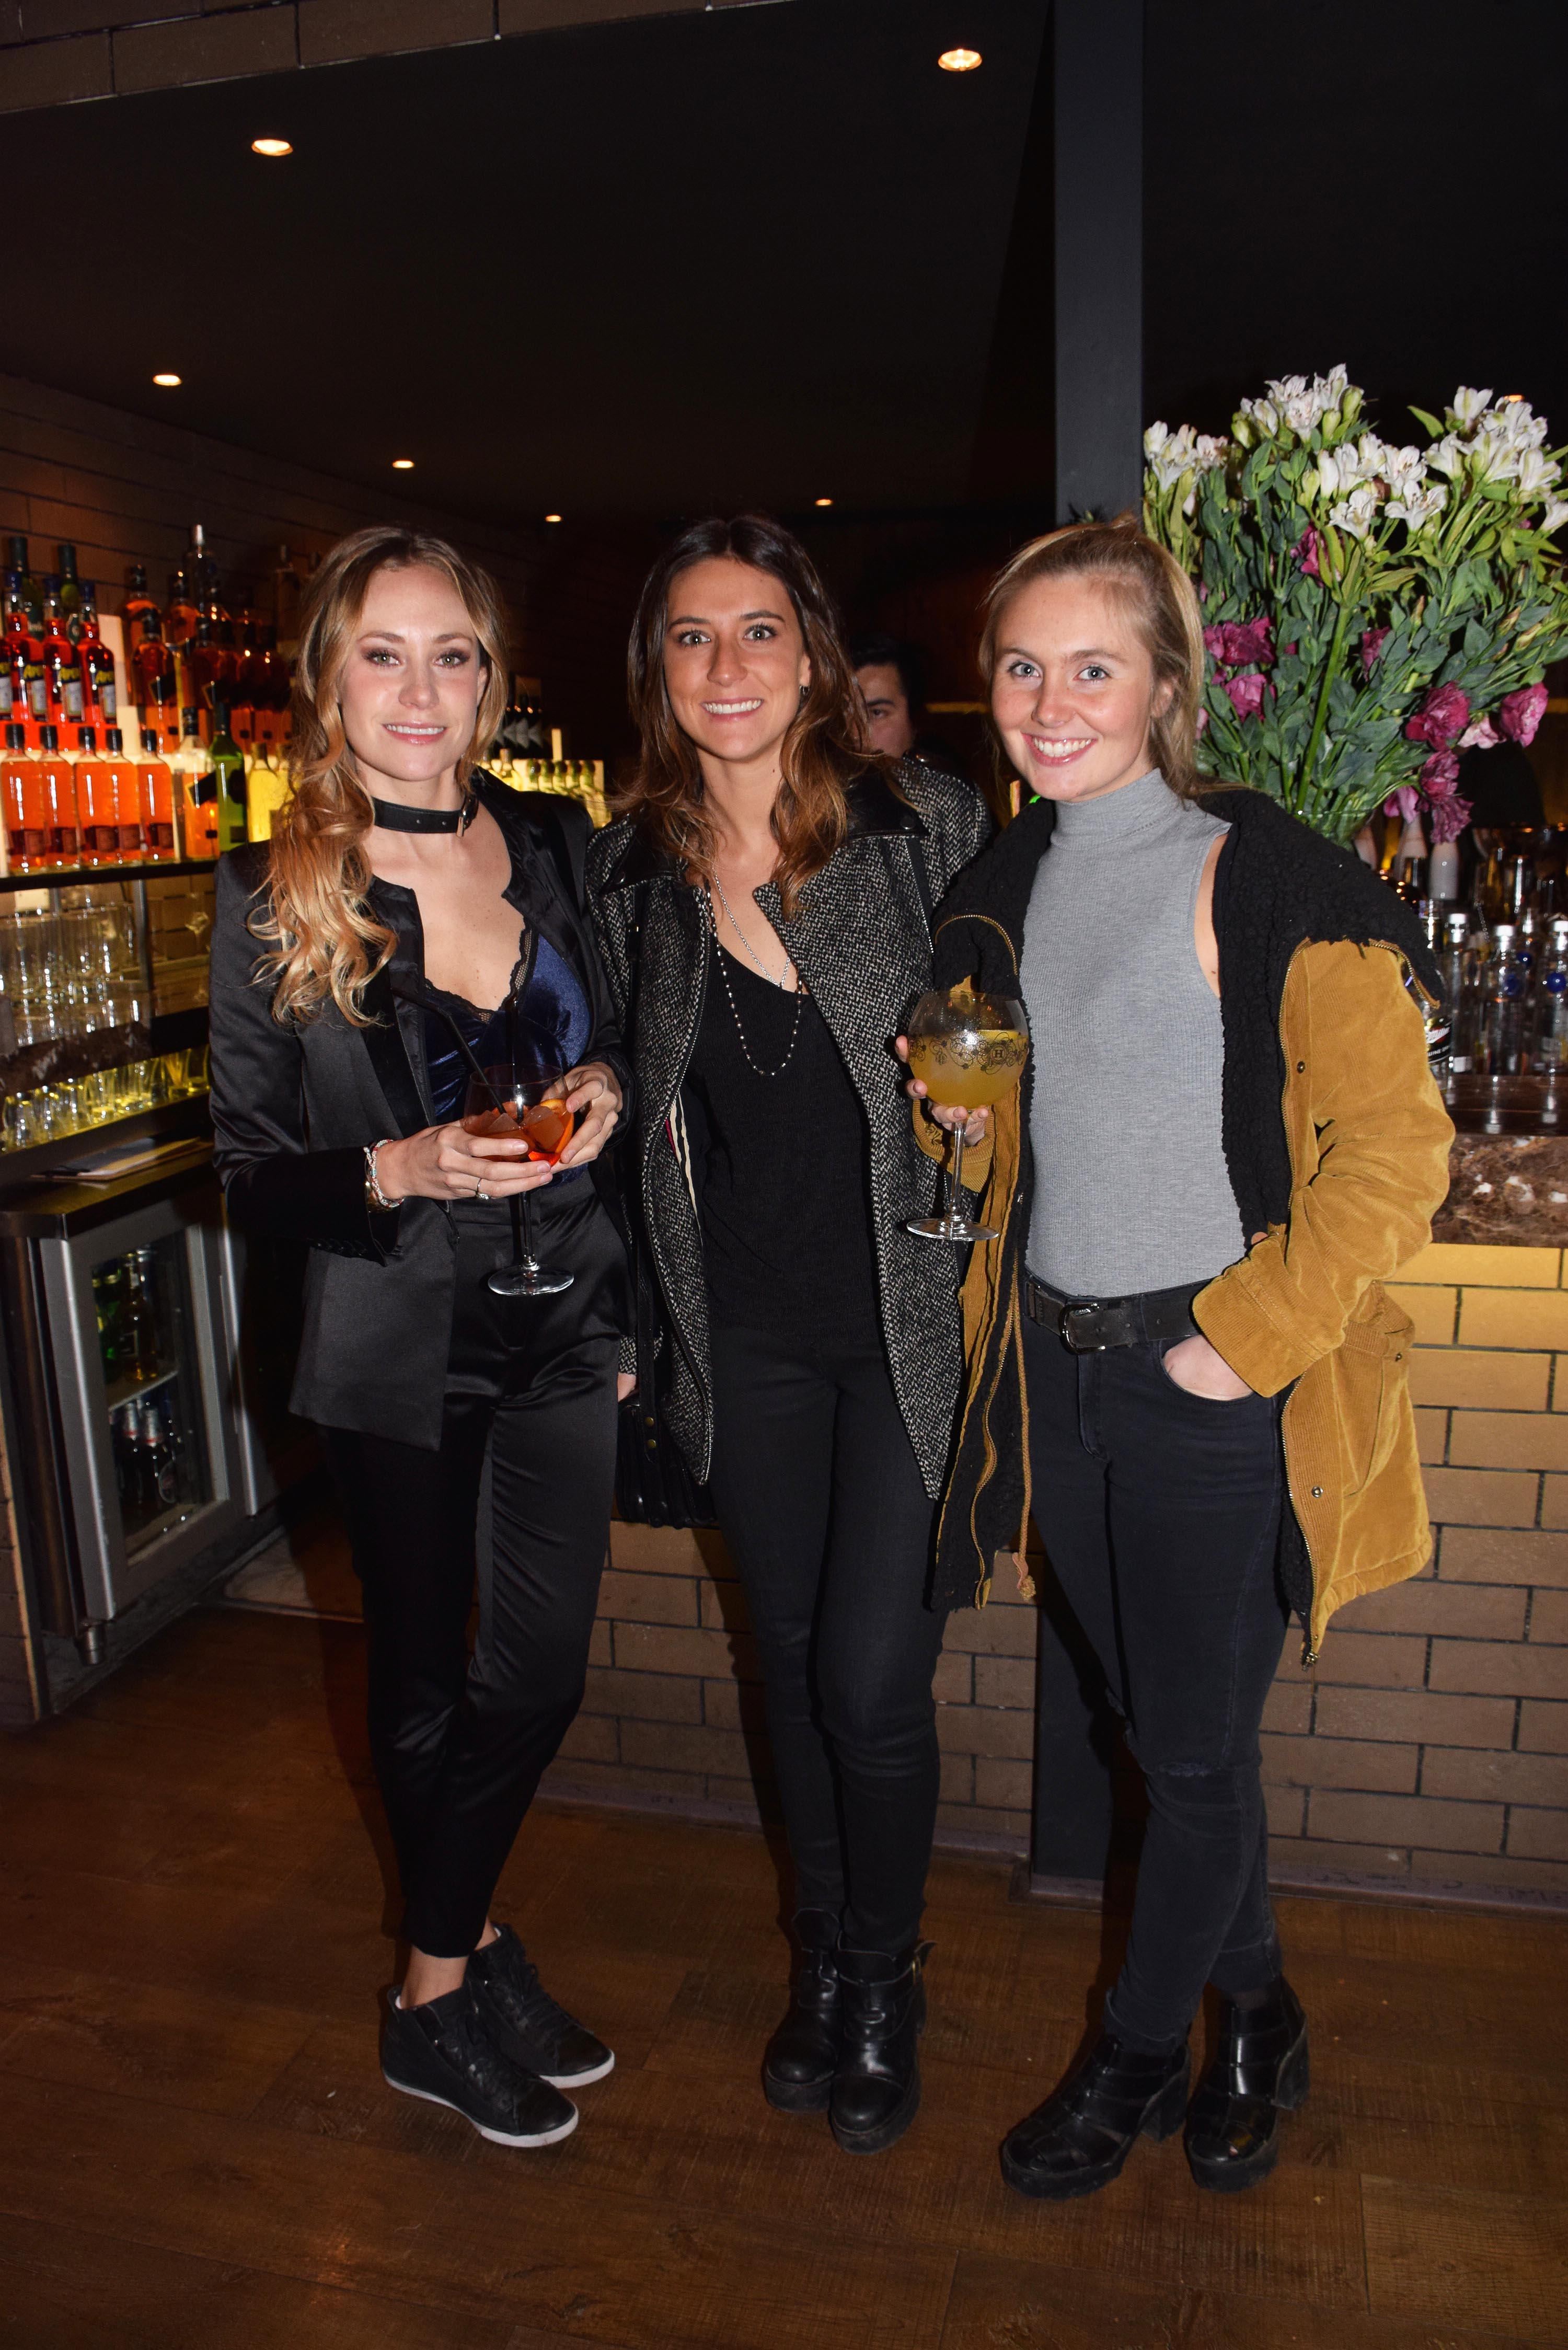 Antonia Bulnes, Antonia Baselli y Barbara Deck